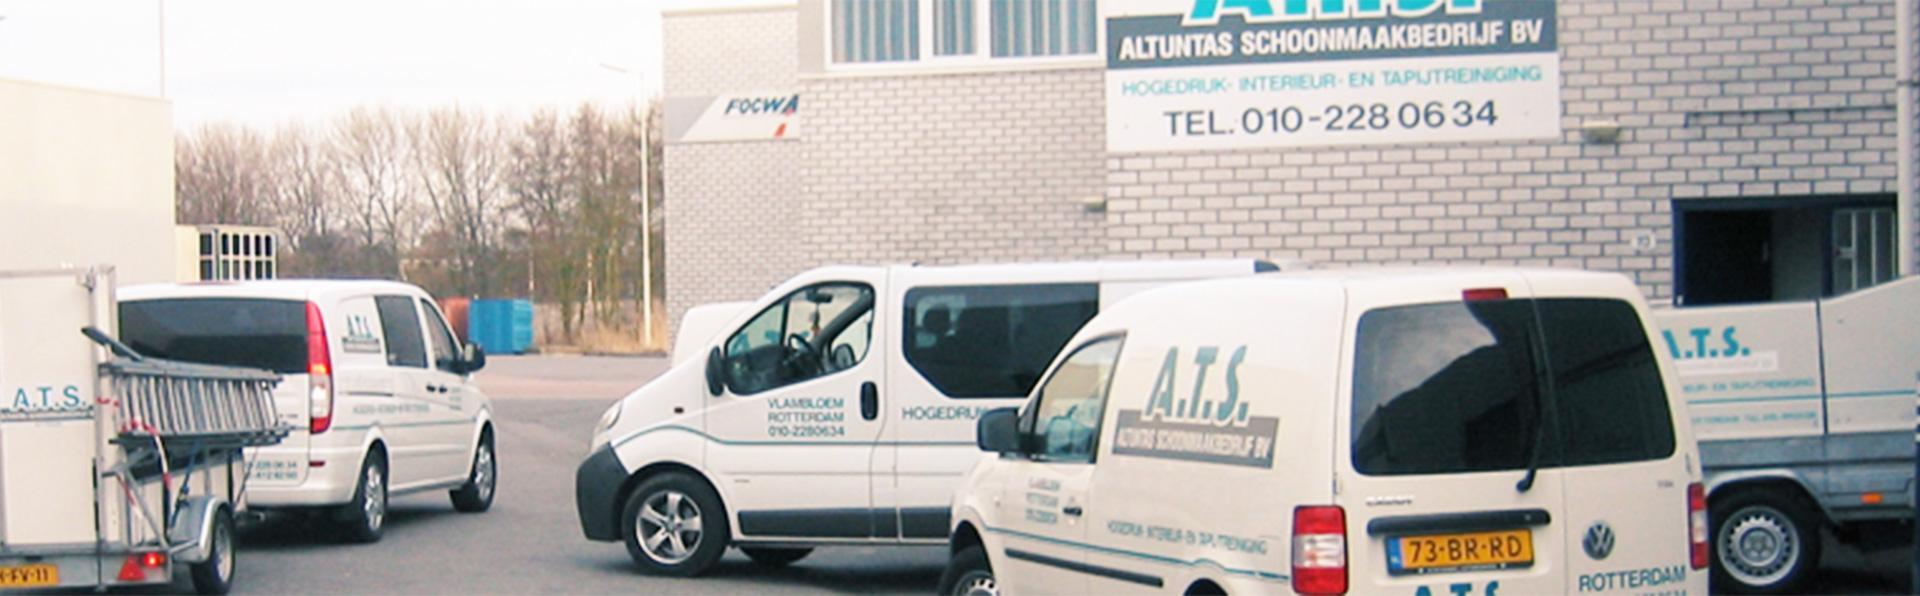 Schoonmaakbedrijf- Stompwijk-ATS-header